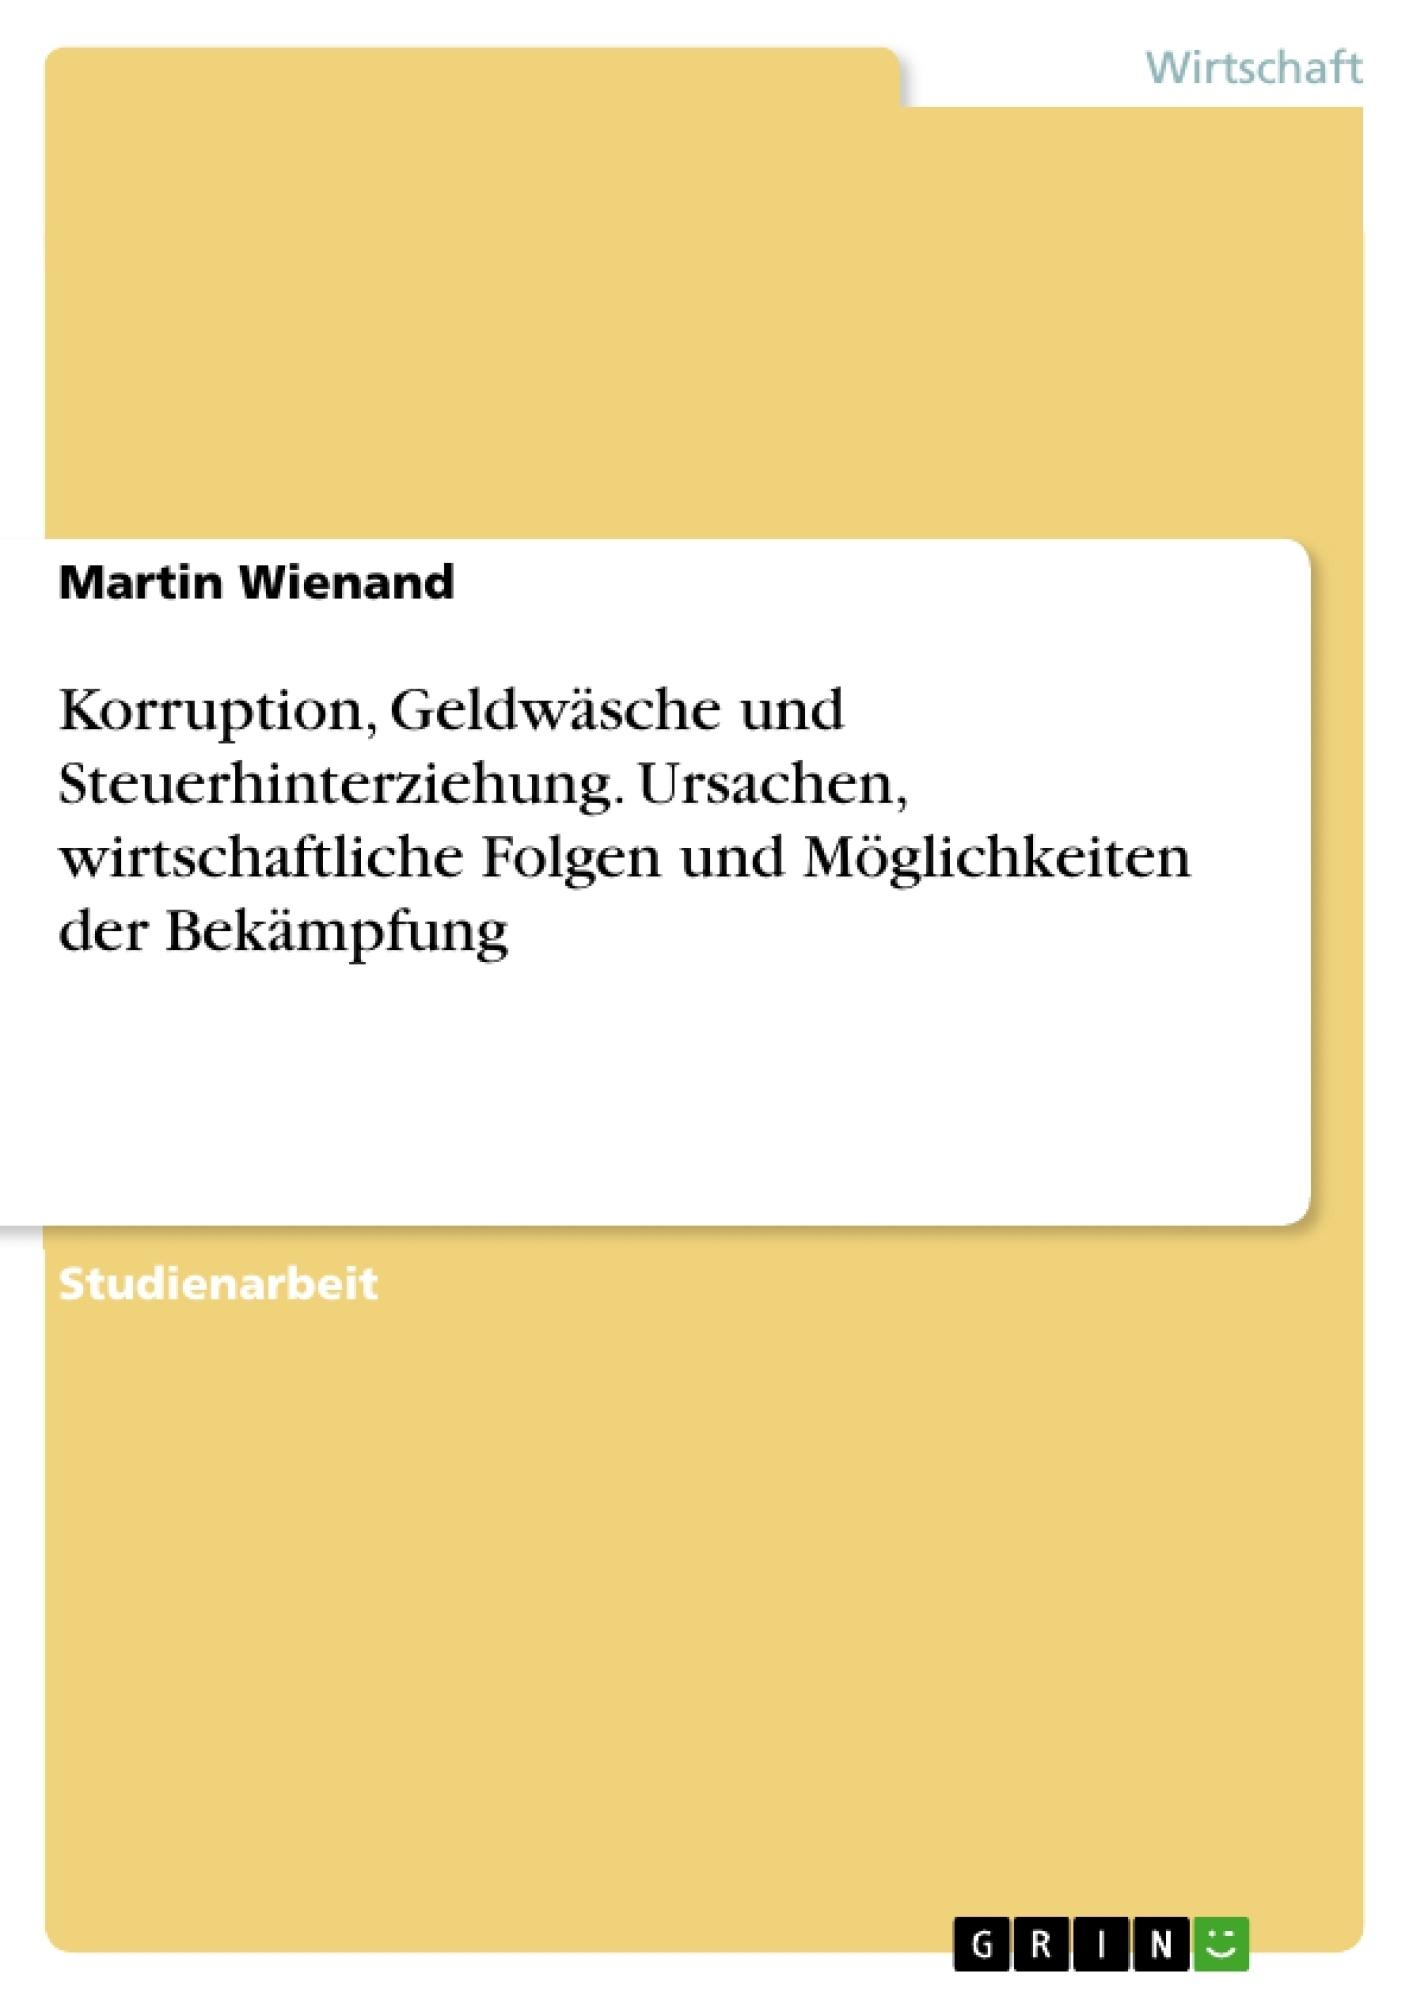 Titel: Korruption, Geldwäsche und Steuerhinterziehung. Ursachen, wirtschaftliche Folgen und Möglichkeiten der Bekämpfung